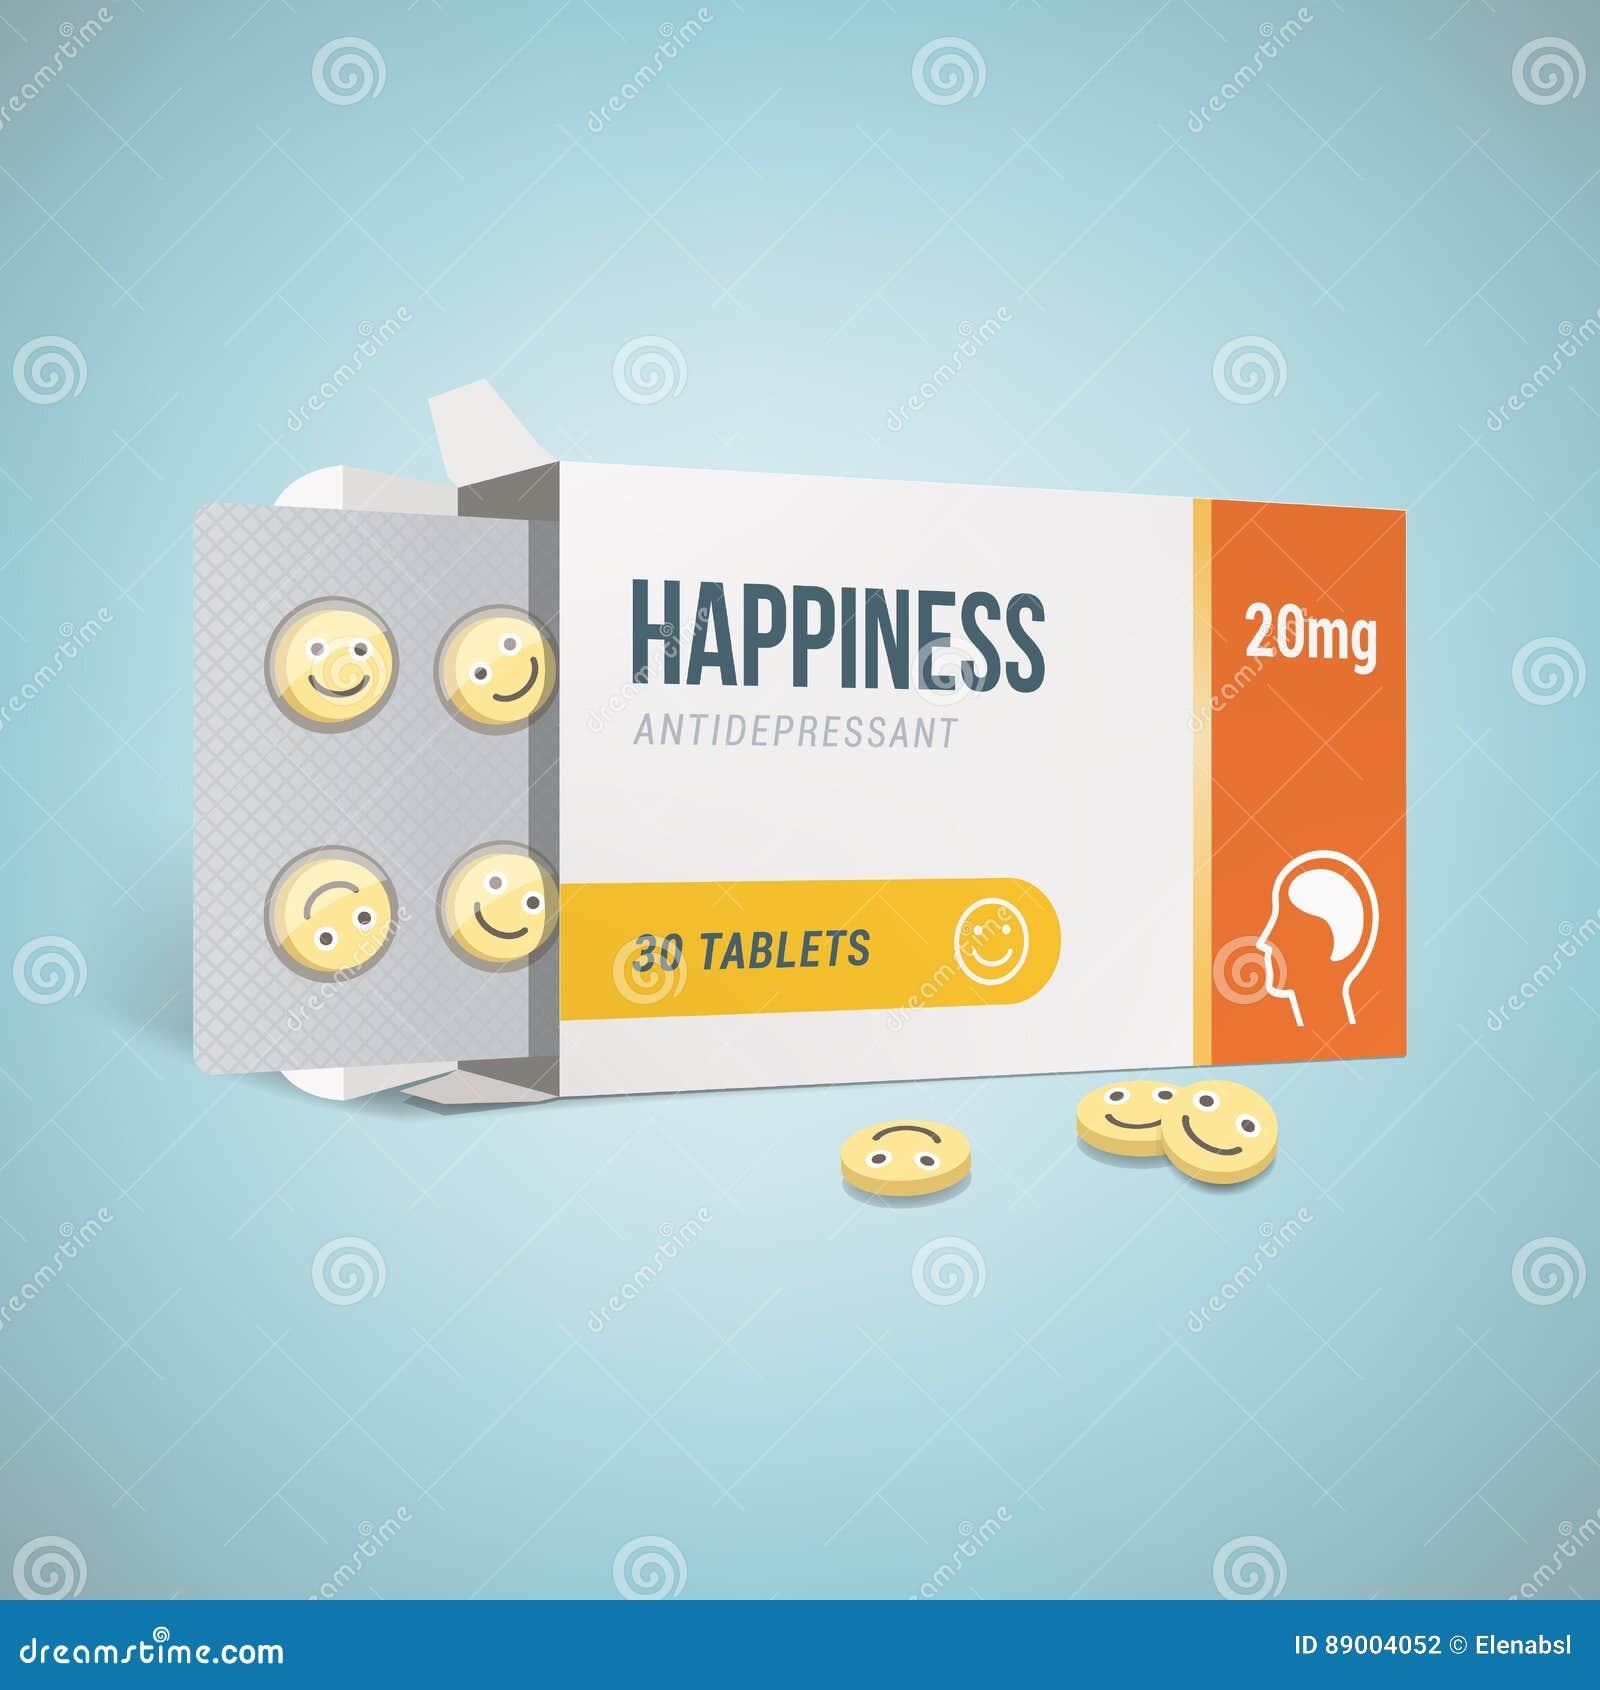 Z Antidepressant Antidepressants...